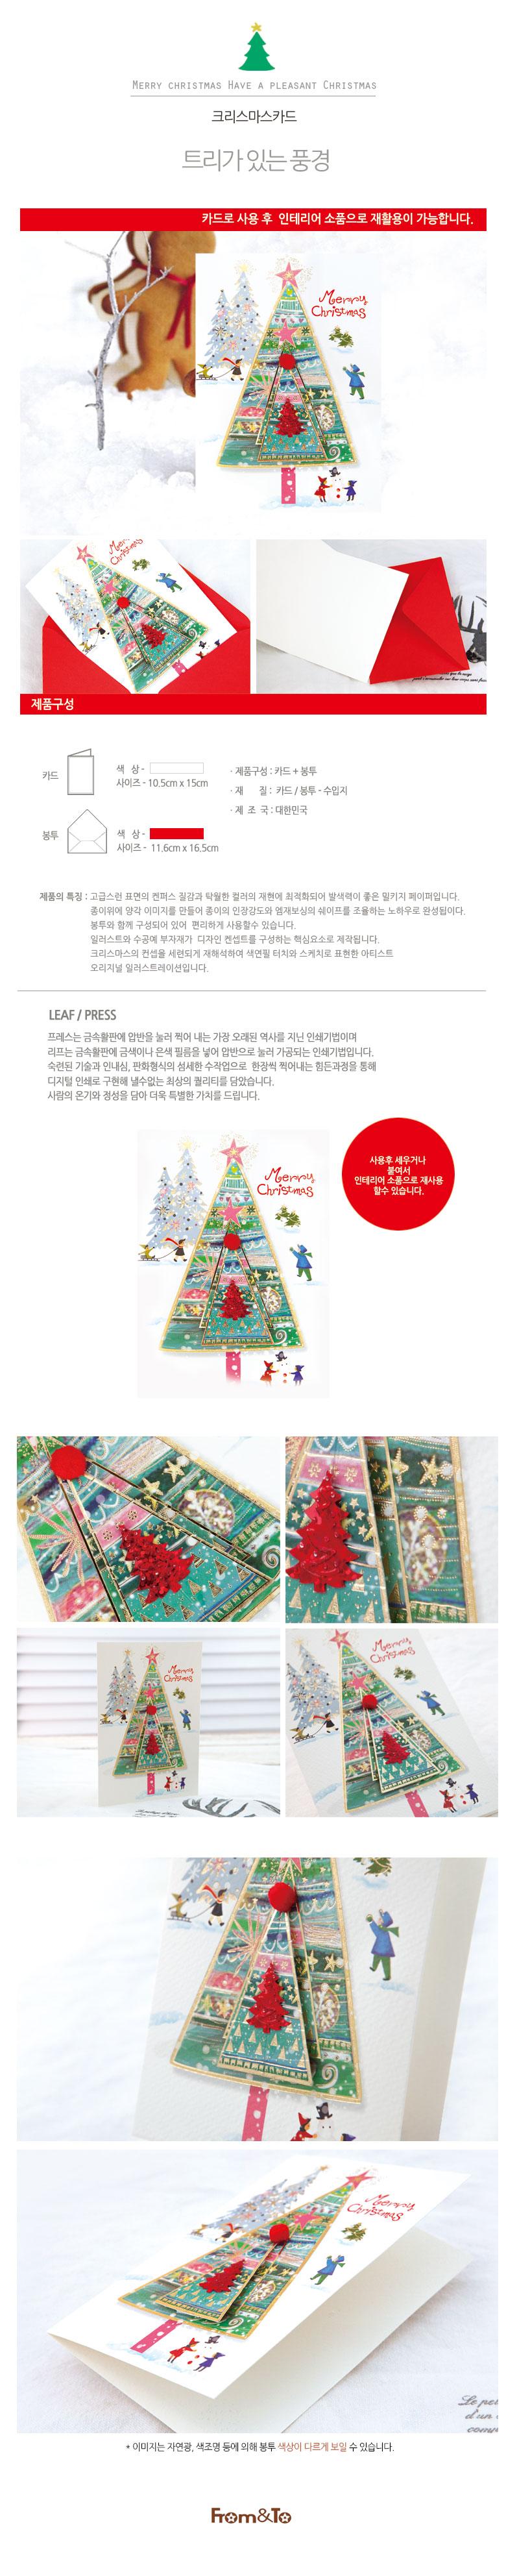 트리가 있는 풍경 FS1027-3 - 프롬앤투, 1,000원, 카드, 크리스마스 카드